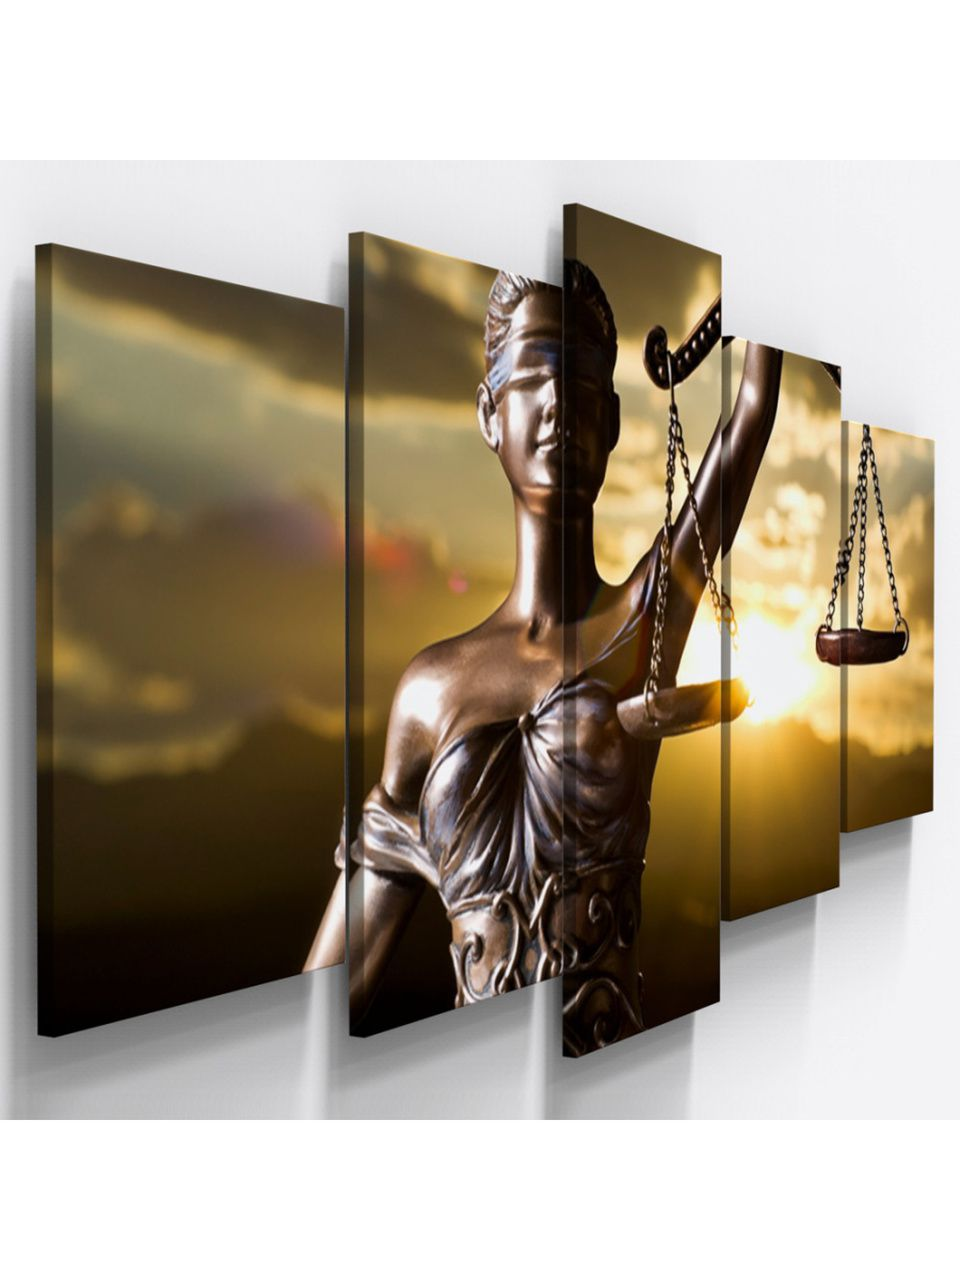 Quadro Decorativo Deusa Justiça Direito Advocacia 60 x 125 cm